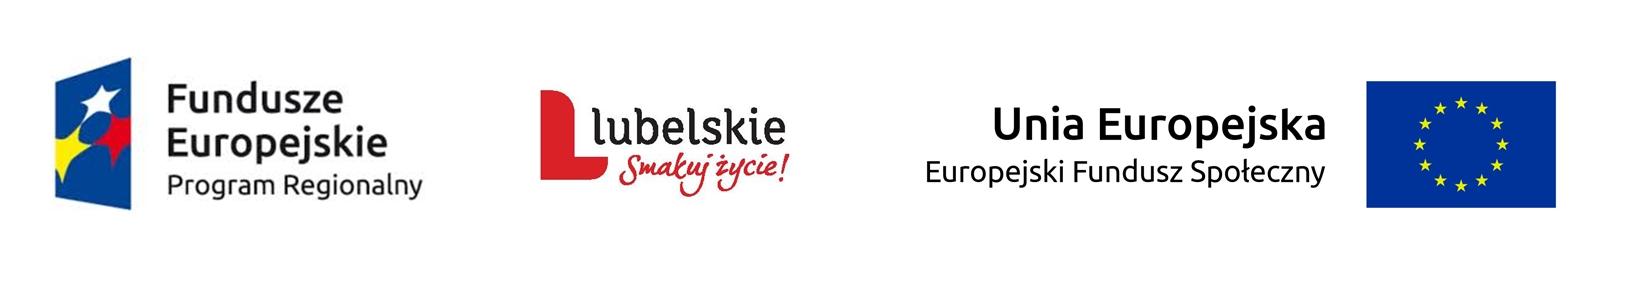 logo dofinansowania